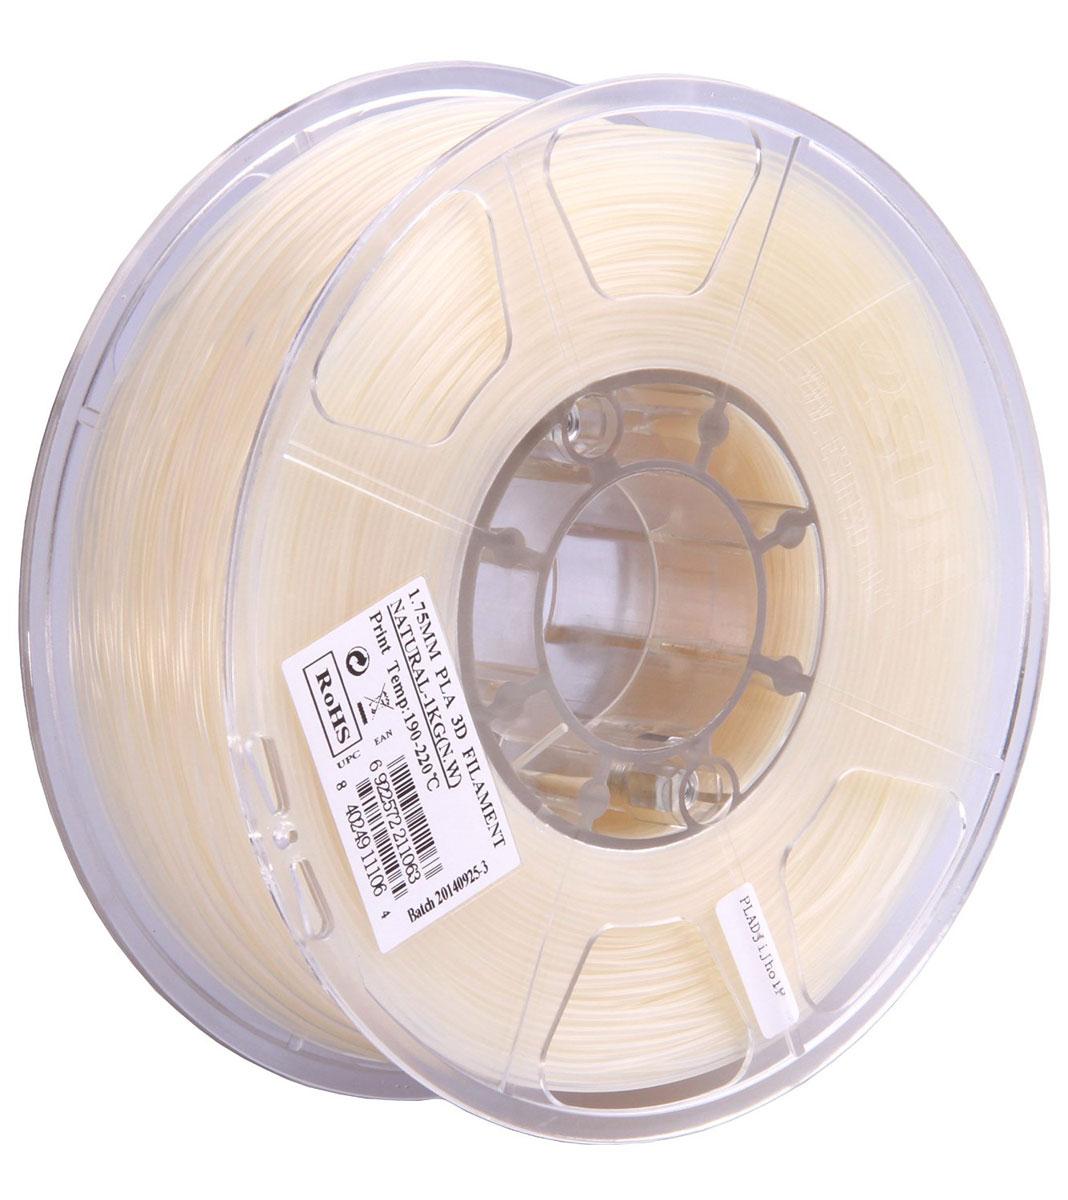 ESUN PLA-пластик в катушке, White (PLA175N1)PLA175N1Пластик PLA от ESUN долговечный и очень прочный полимер, ударопрочный, эластичный и стойкий к моющим средствам и щелочам. Один из лучших материалов для печати на 3D принтере. Пластик не имеет запаха и не является токсичным. Температура плавления 190-220°C. PLA пластик для 3D-принтера применяется в деталях автомобилей, канцелярских изделиях, корпусах бытовой техники, мебели, сантехники, а также в производстве игрушек, сувениров, спортивного инвентаря, деталей оружия, медицинского оборудования и прочего. Диаметр нити: 1.75 мм